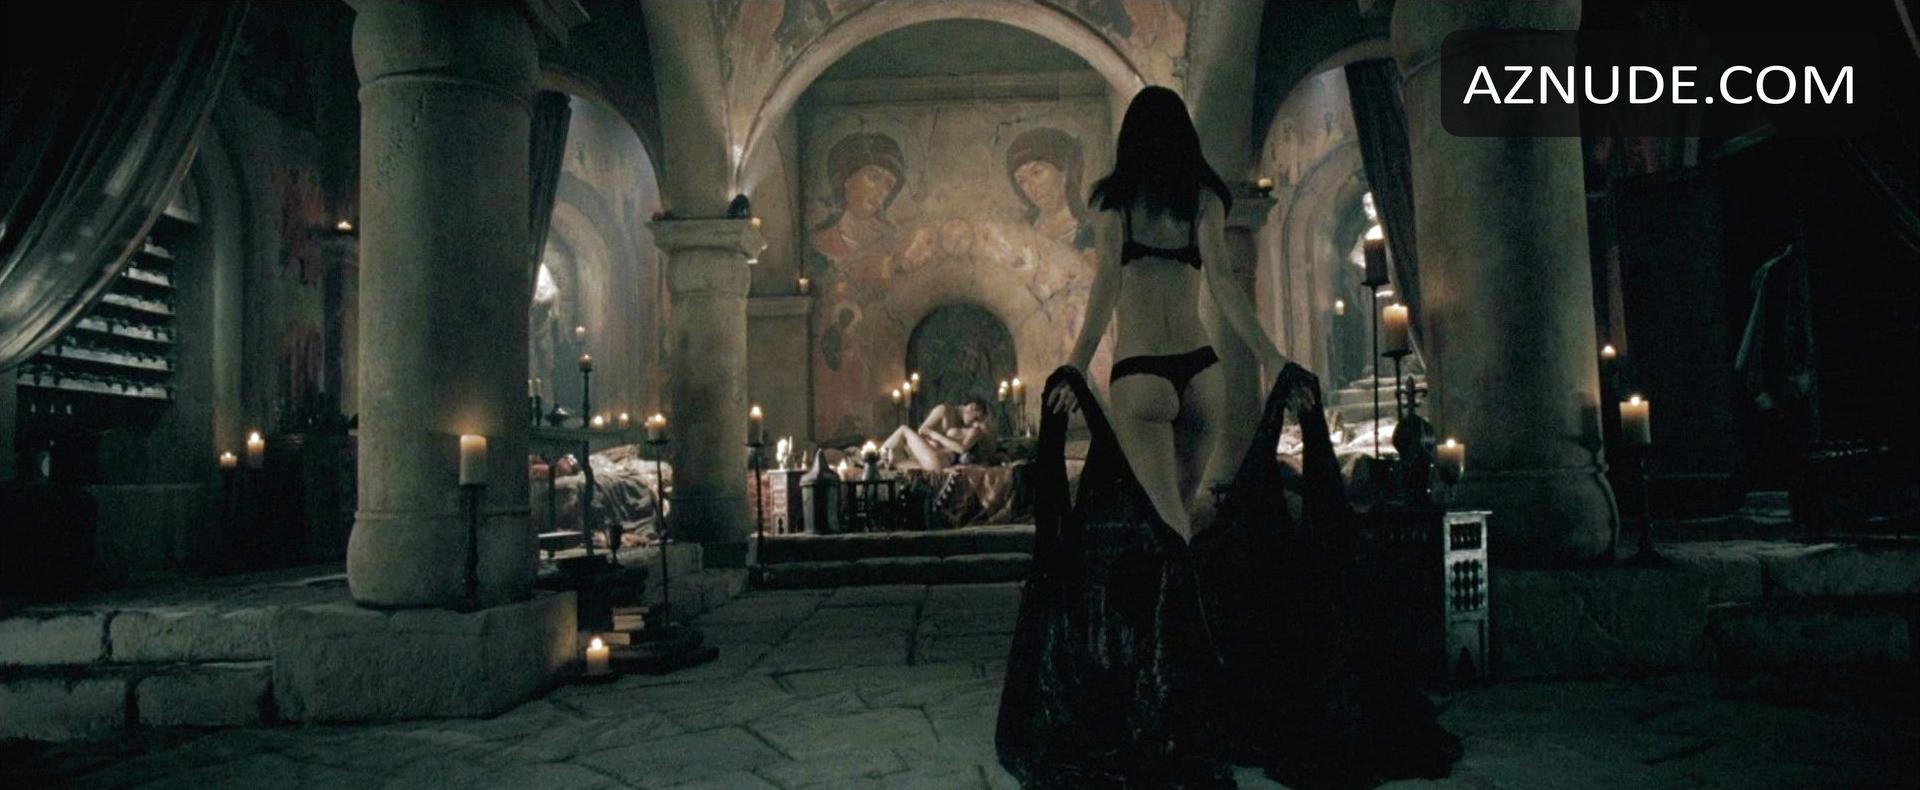 Kaja Gjesdal Breasts Scene In Underworld